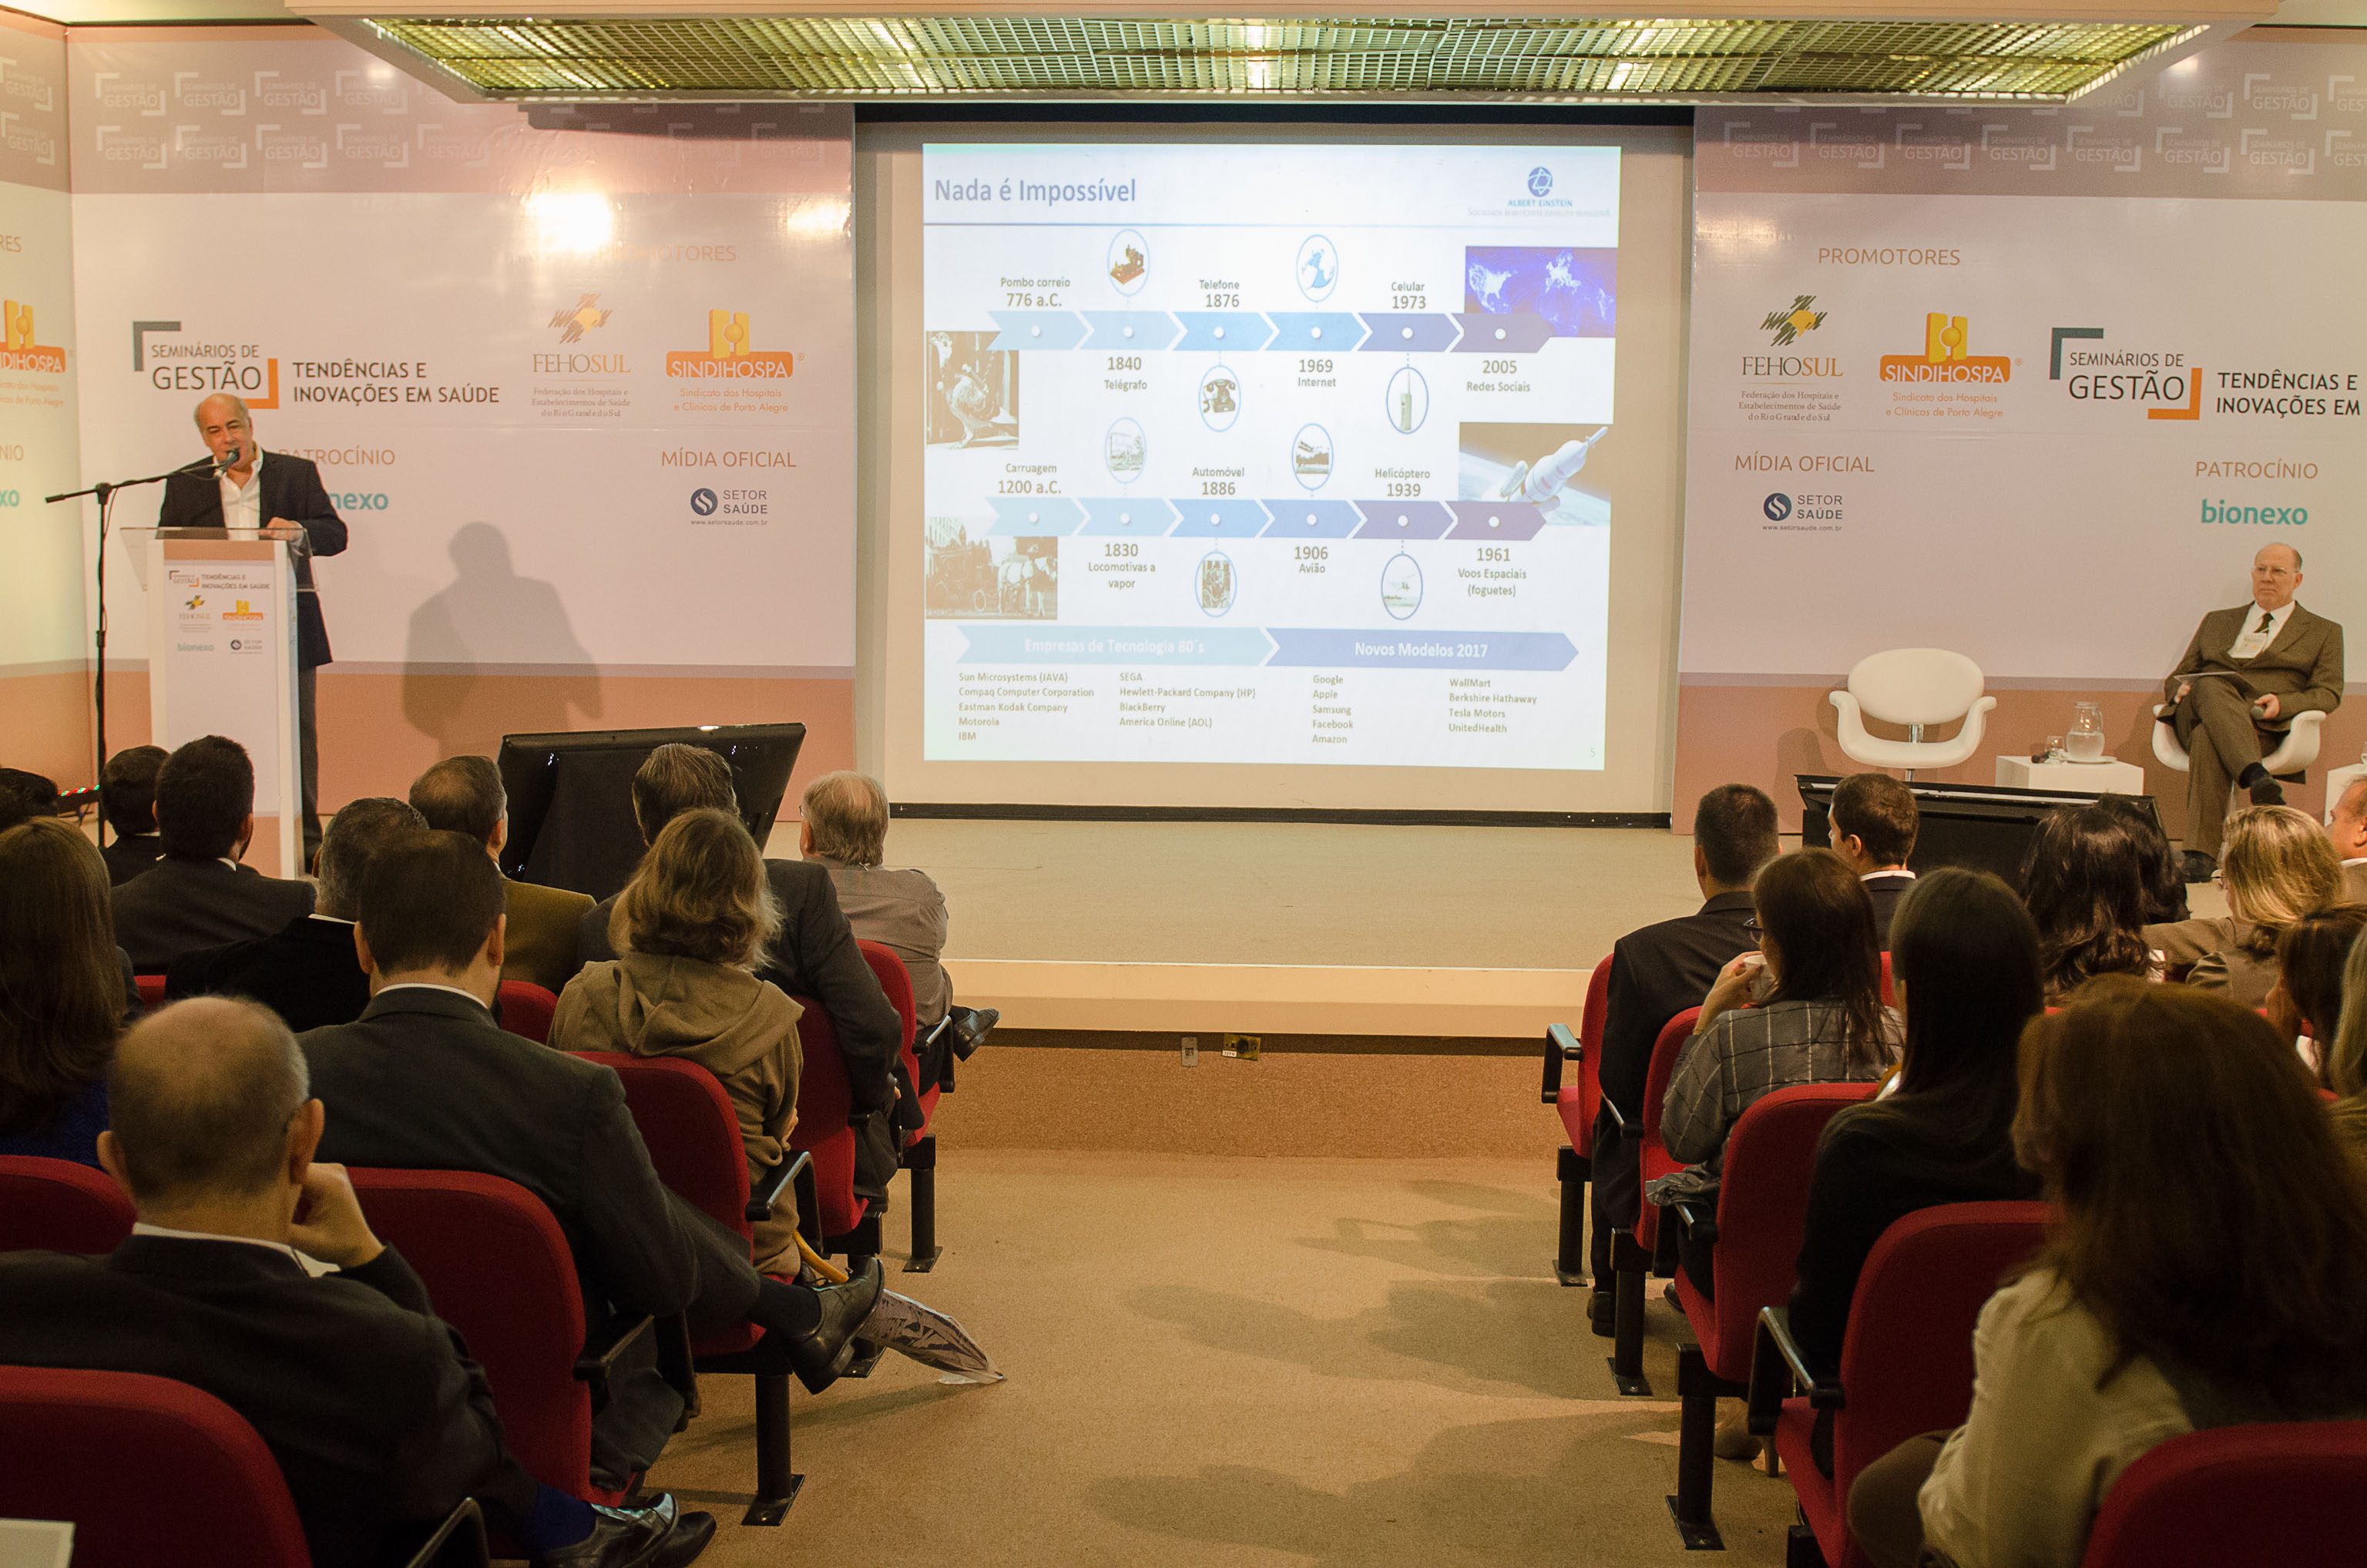 Tendências e inovações em saúde apresentadas em Porto Alegre